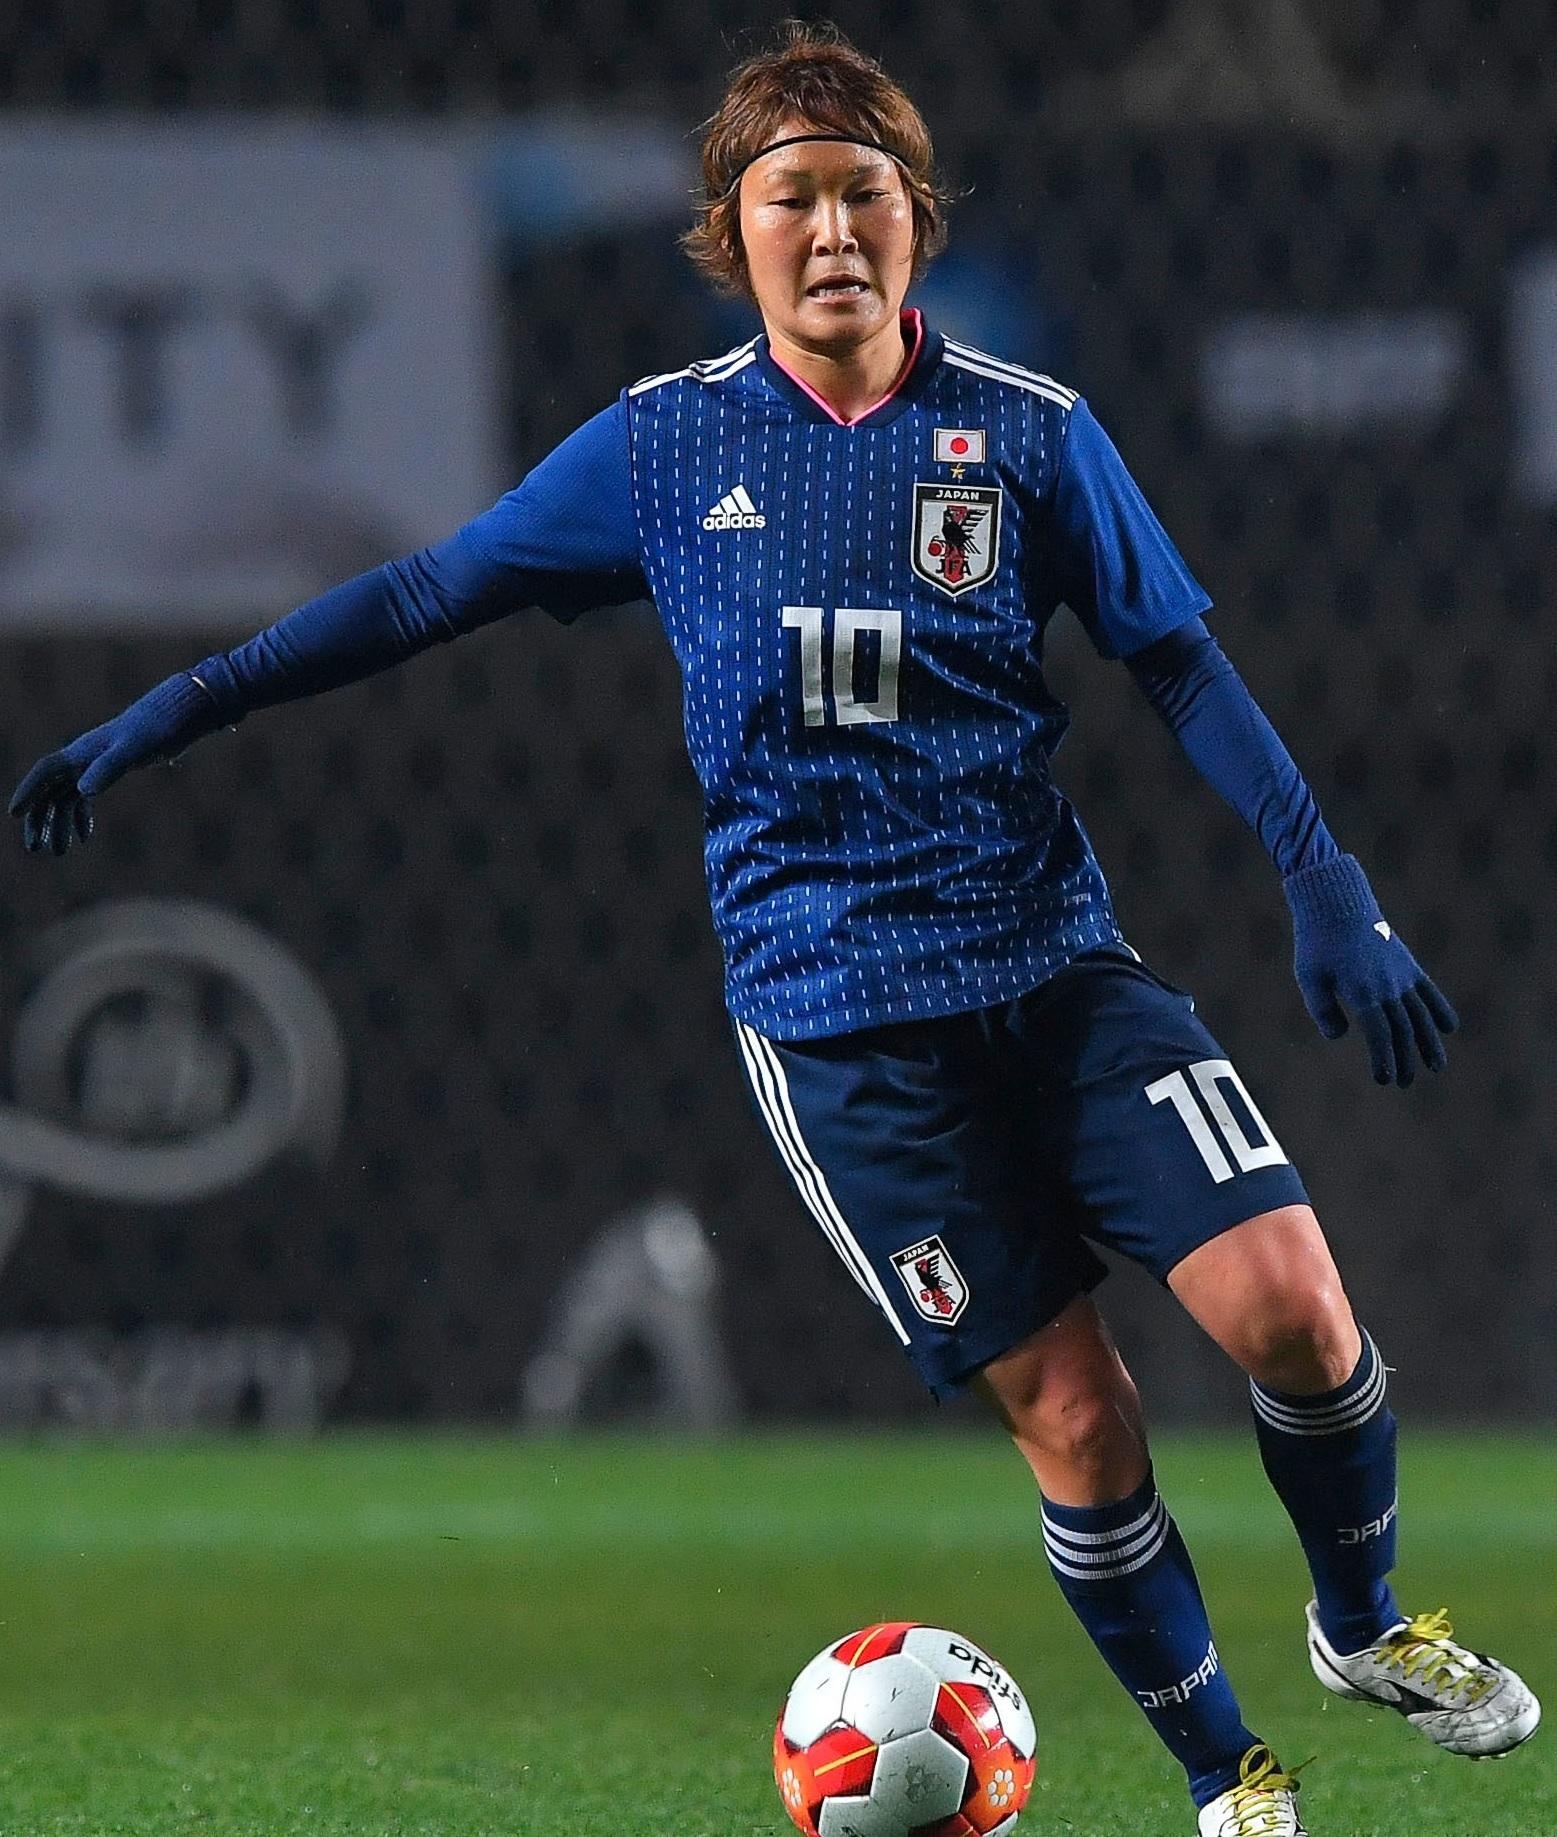 なでしこ-2017-adidas-E1カップ-ホーム-阪口夢穂.jpg